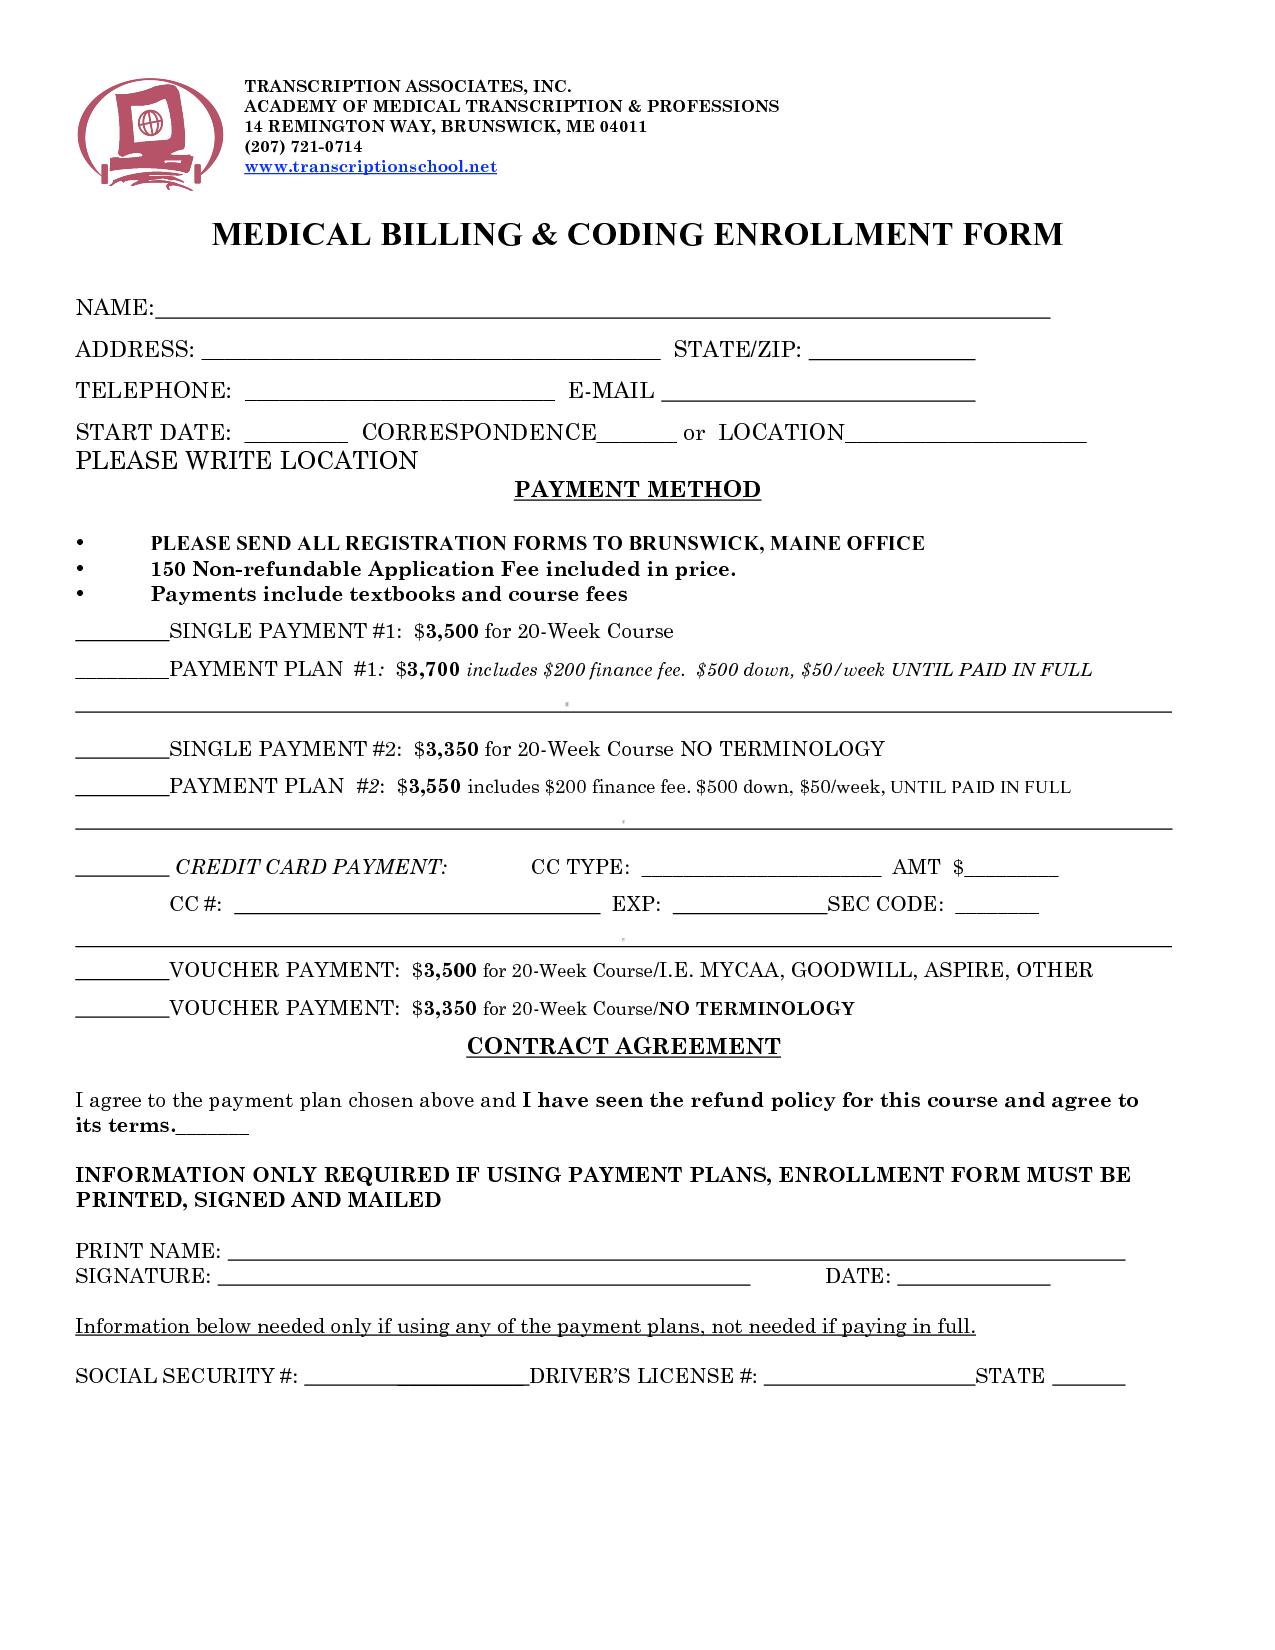 Medical Billing and Coding Job Description Sample and Medical Billing and Coding Resume 19 Another Great Sample Resume